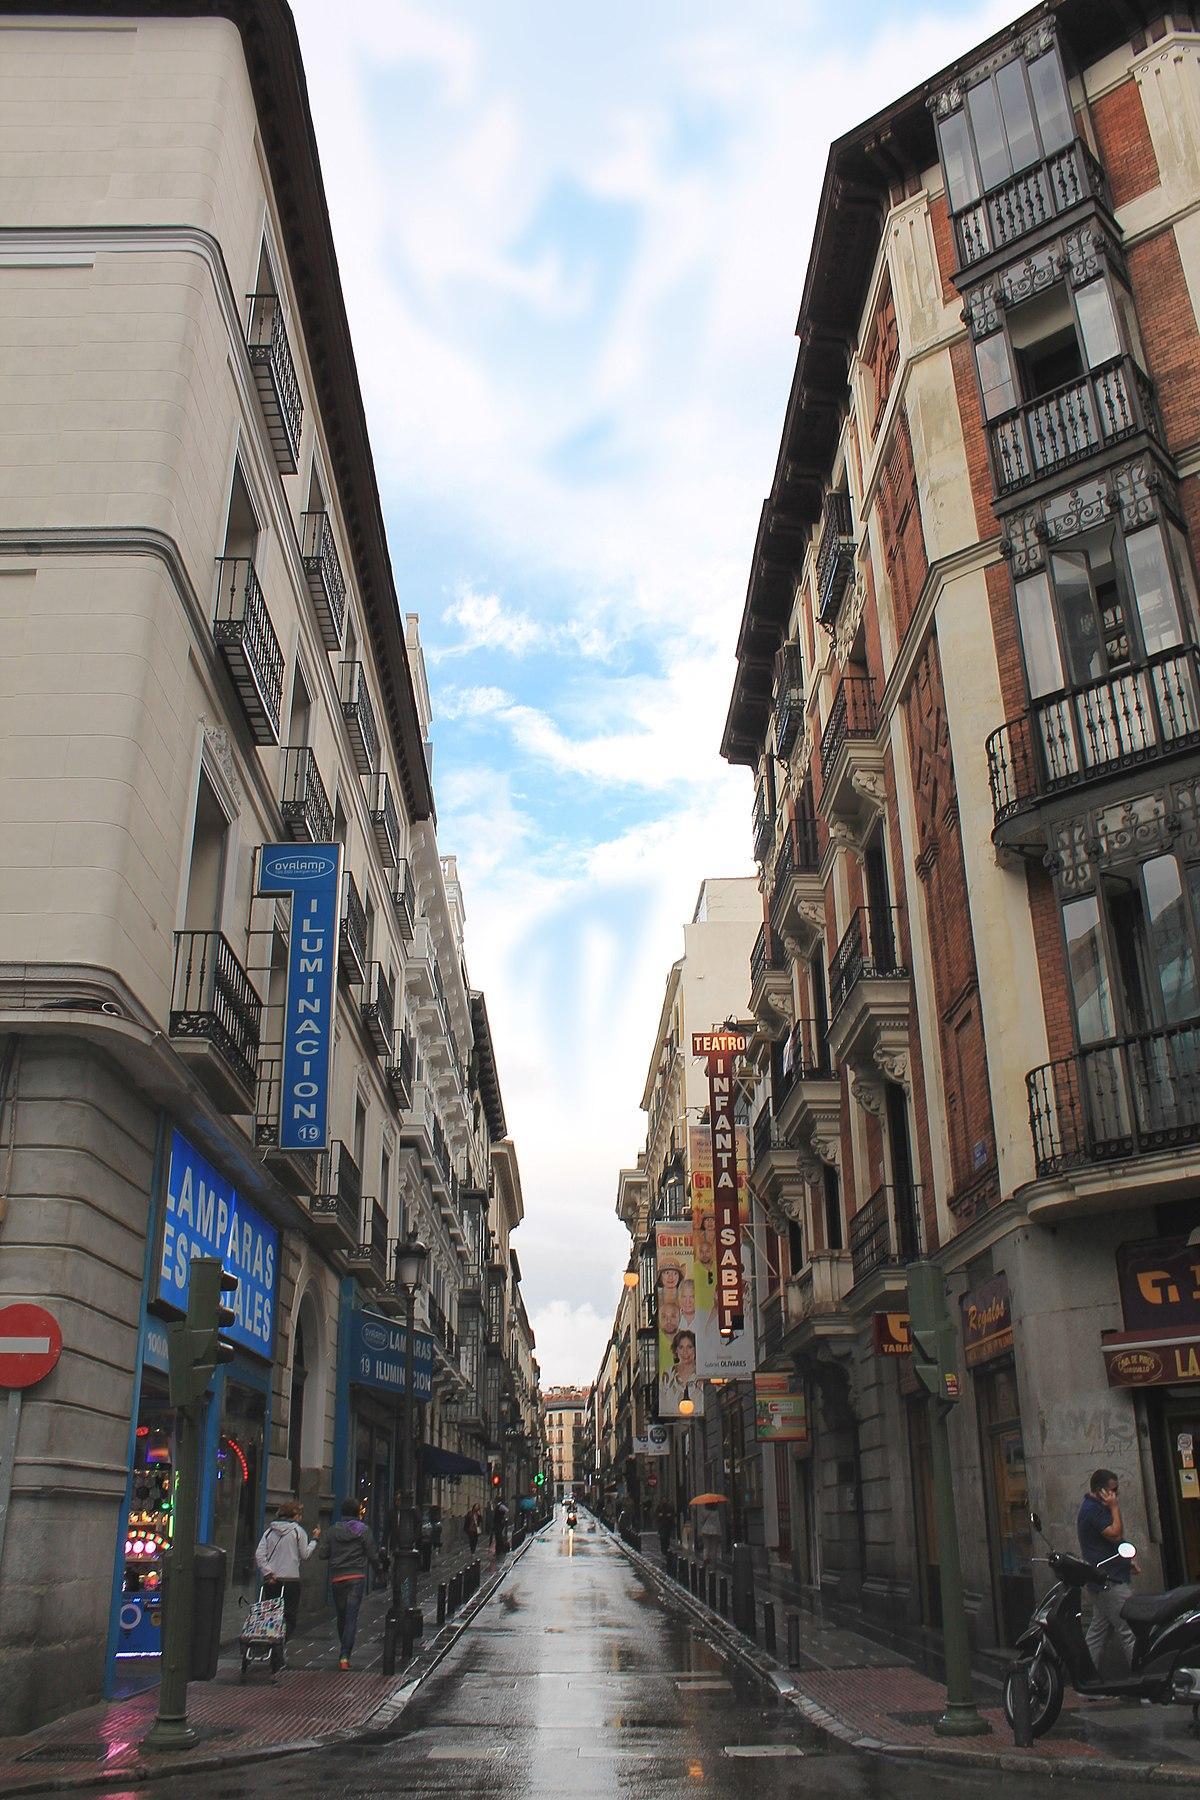 Calle del barquillo wikipedia la enciclopedia libre - Calle nebulosas madrid ...